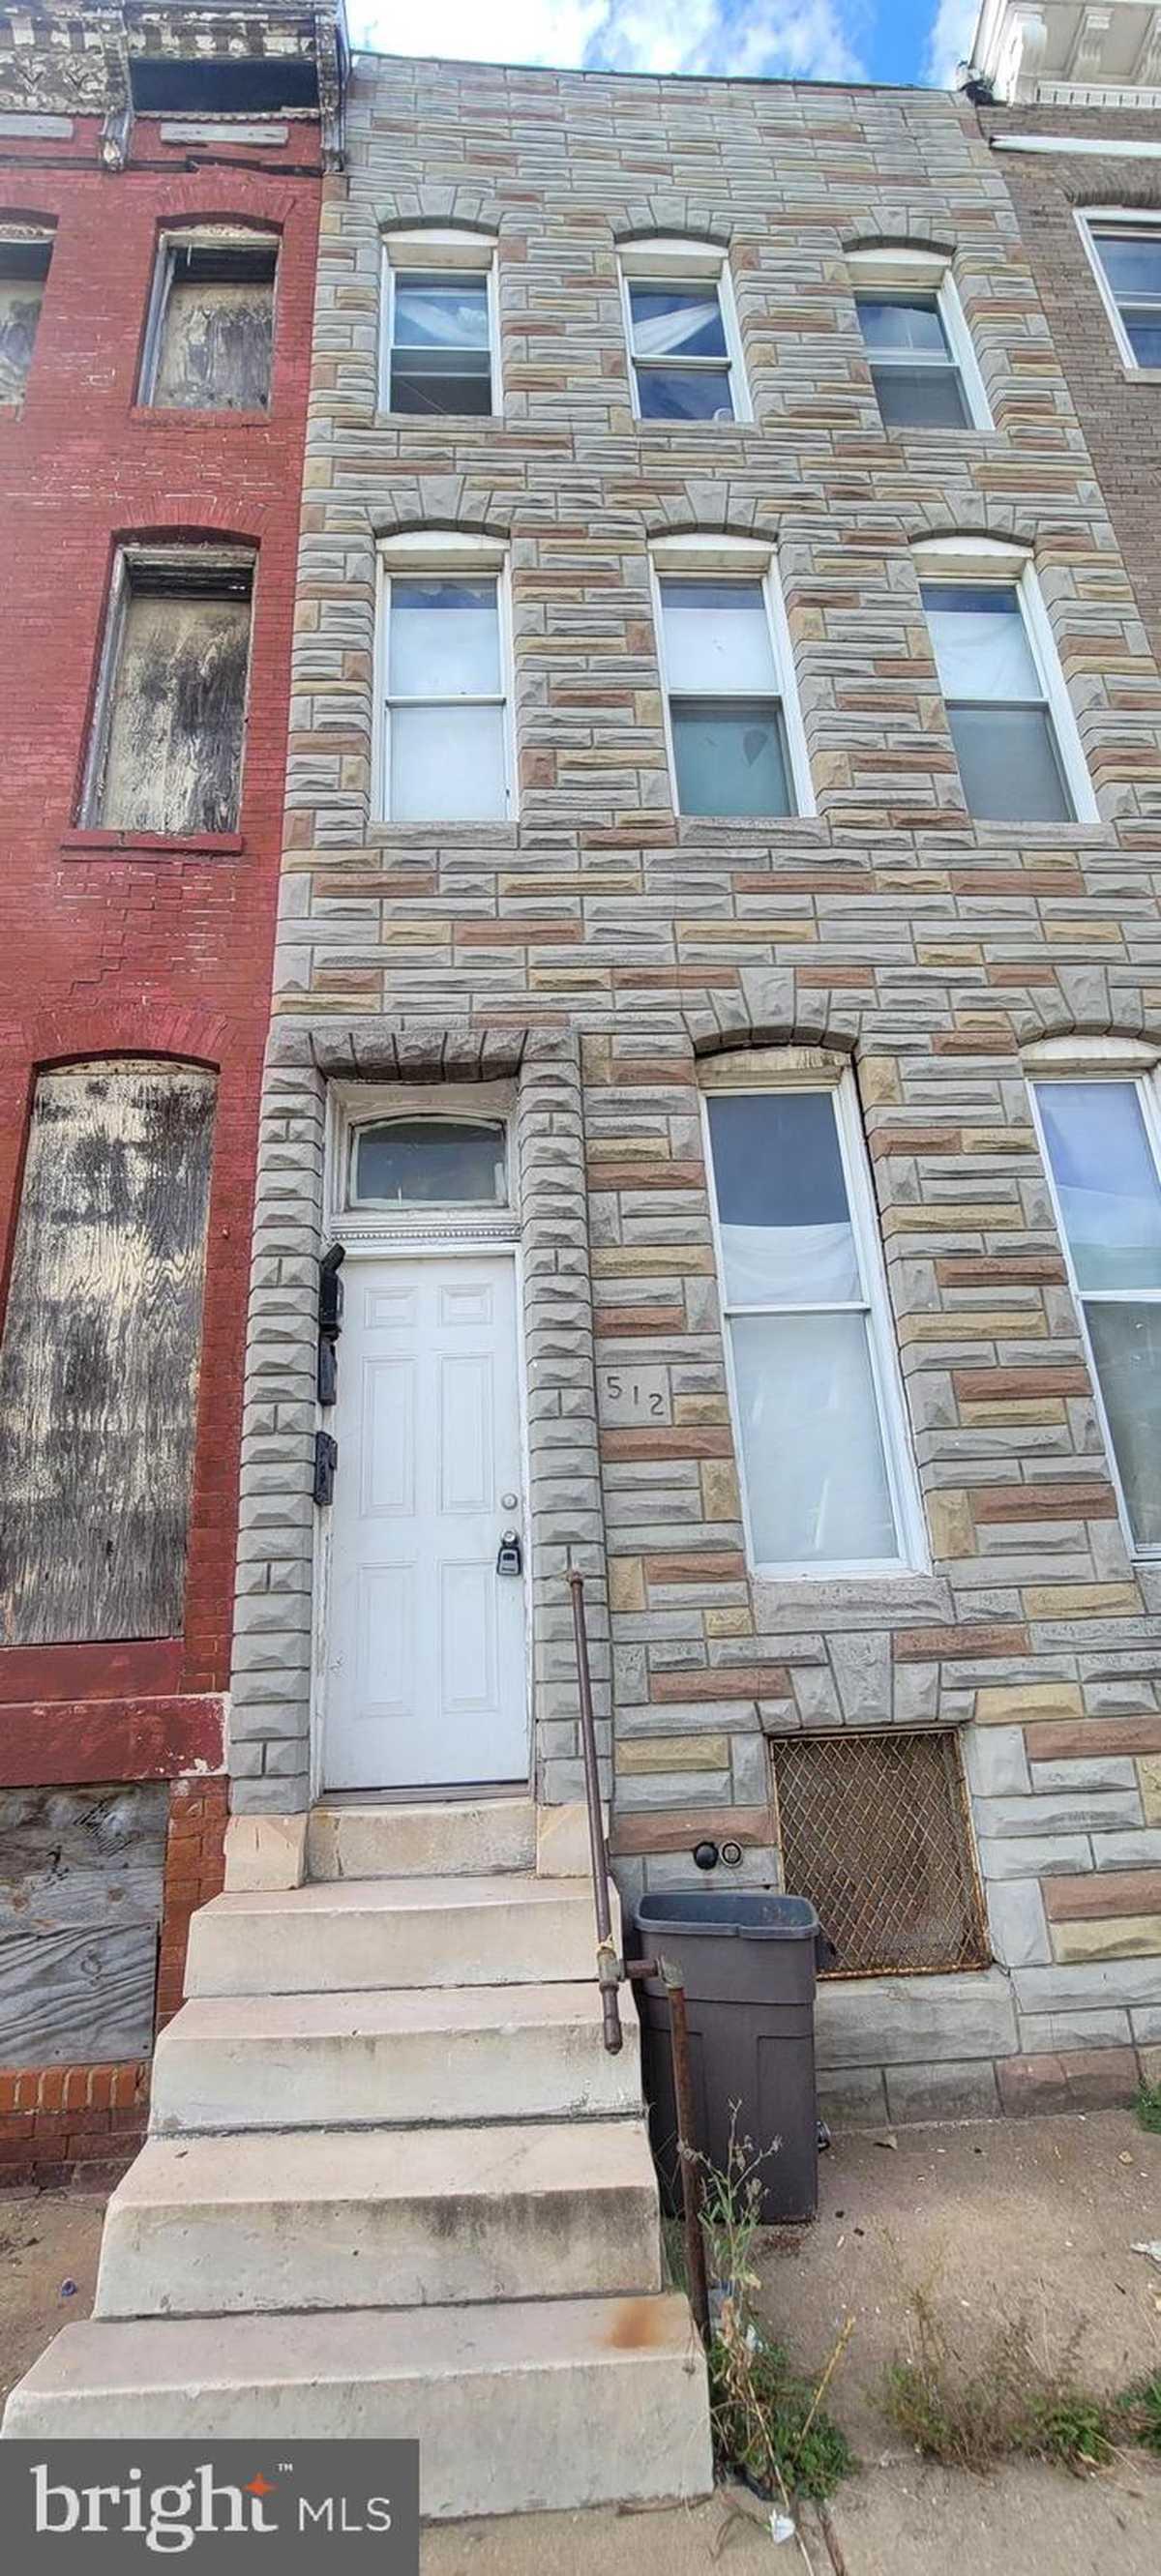 $80,000 - 4Br/3Ba -  for Sale in Harlem Park, Baltimore